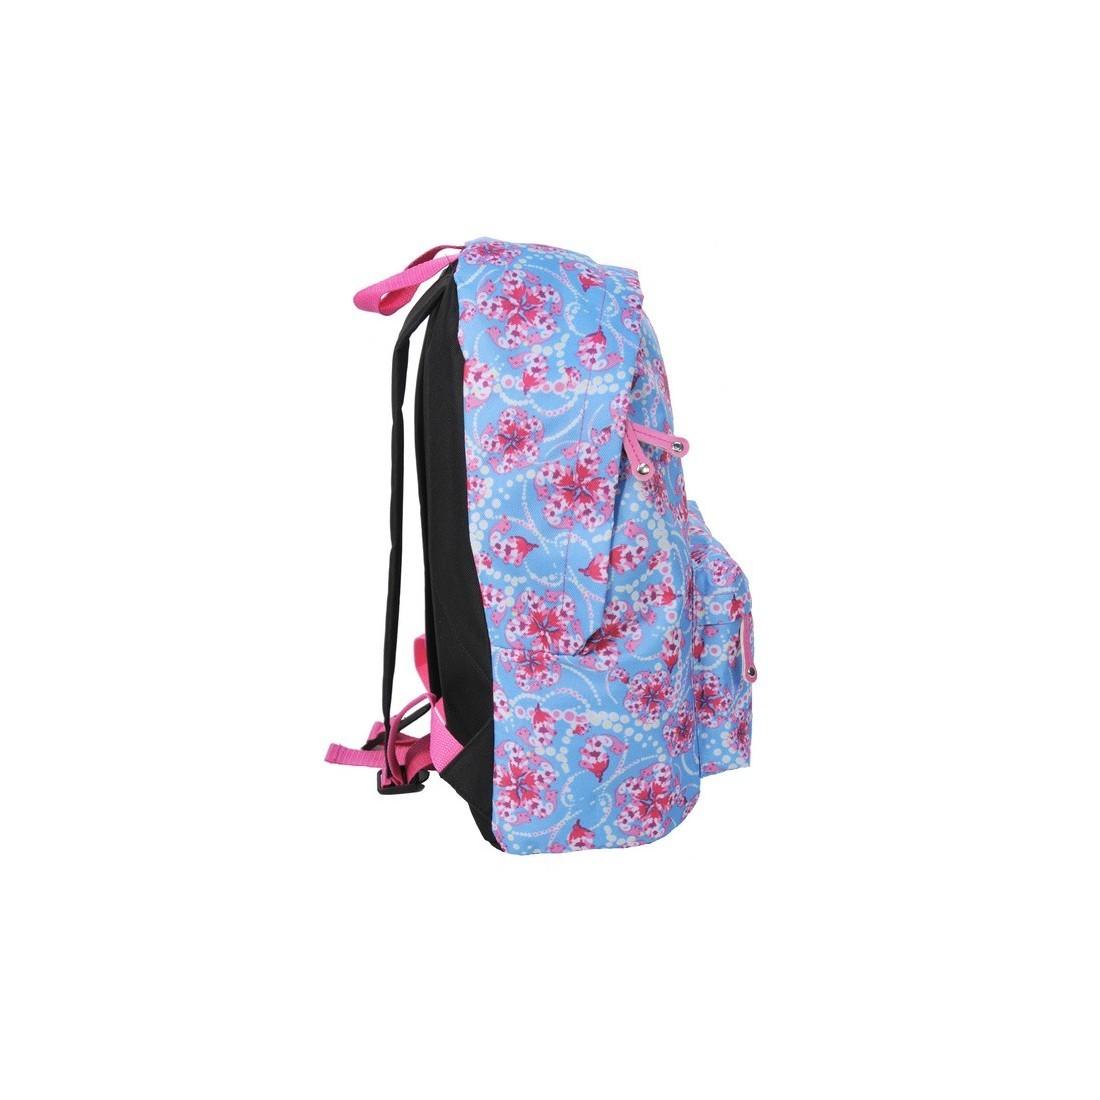 Plecak młodzieżowy niebieski w różowe kwiaty - plecak-tornister.pl